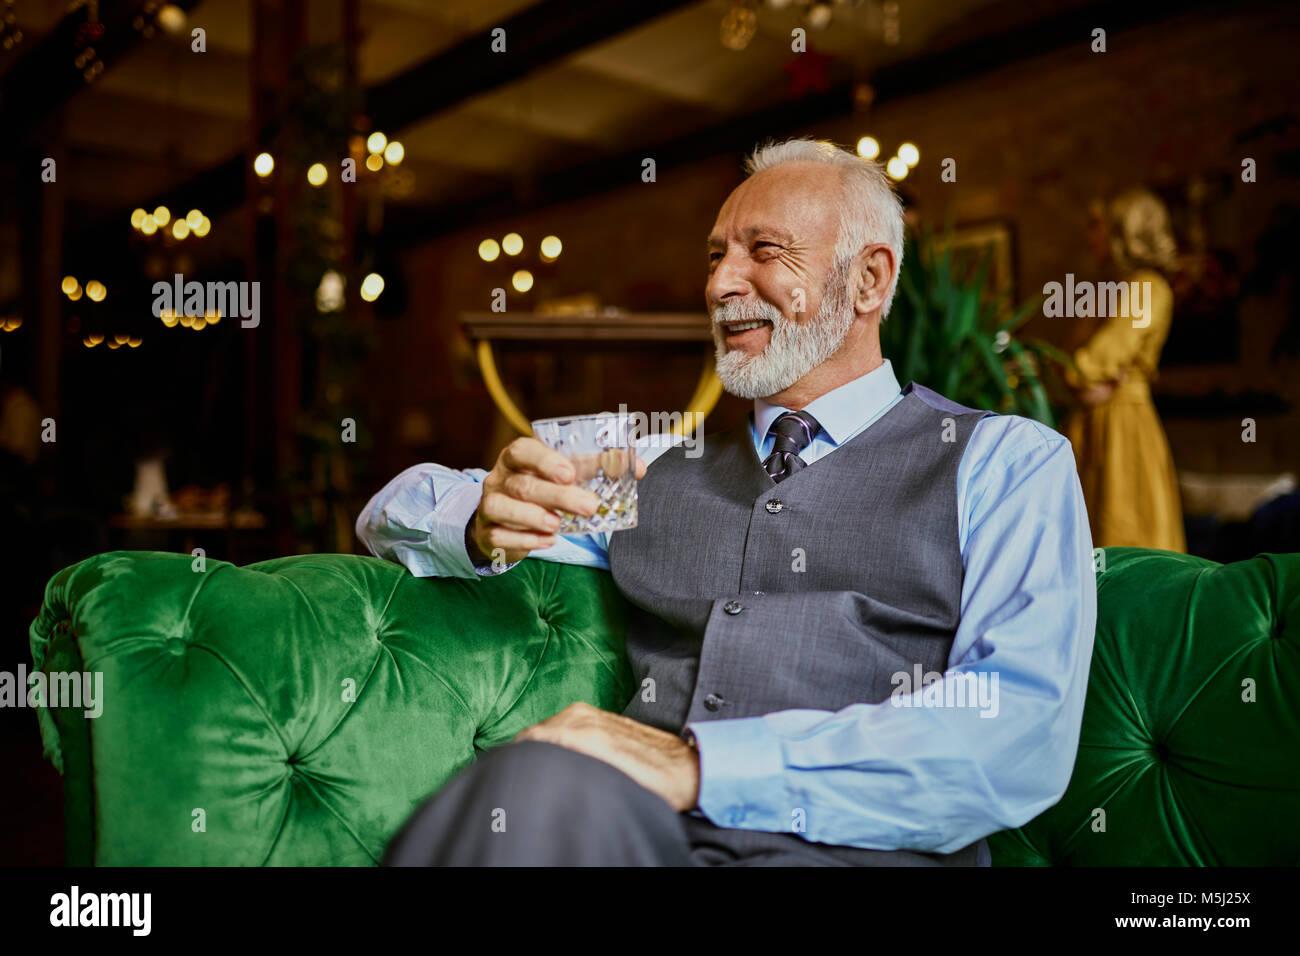 Portrait von eleganten älterer Mann sitzt auf der Couch in einer Bar mit Zuhaltung Stockbild